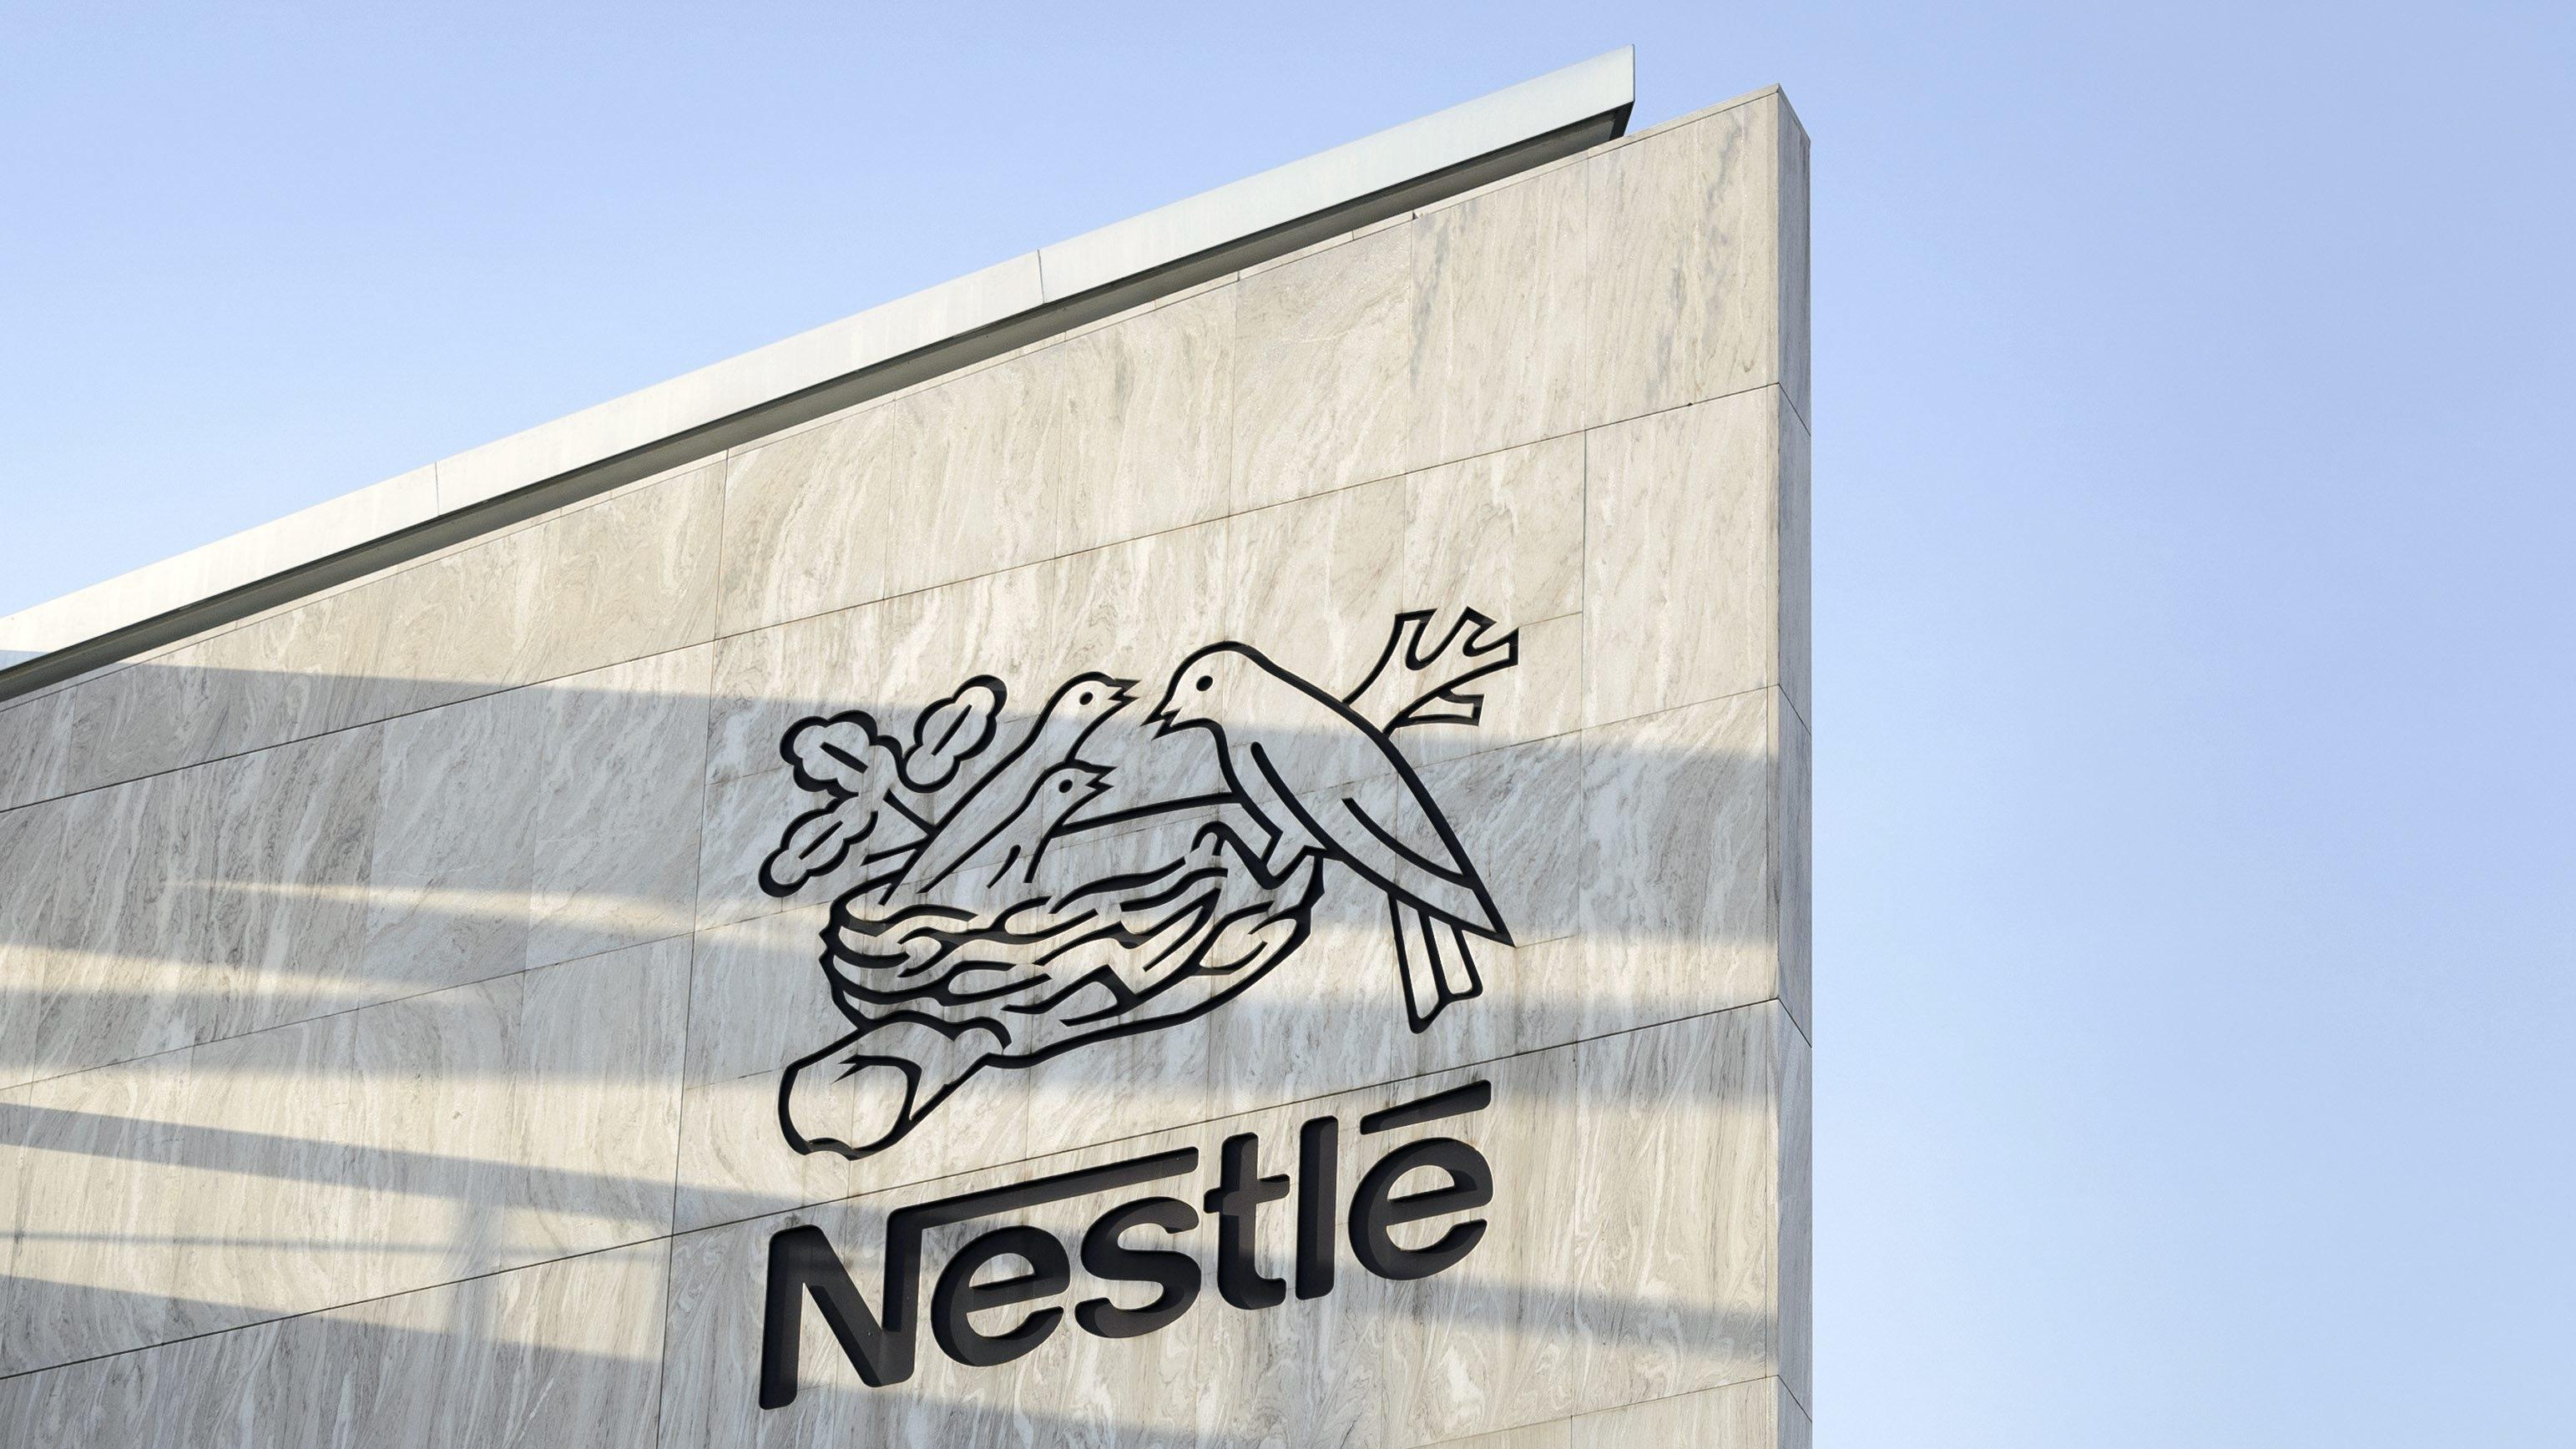 Nestlé-Schriftzug und -Logo am Firmensitz im schweizerischen Vevey.